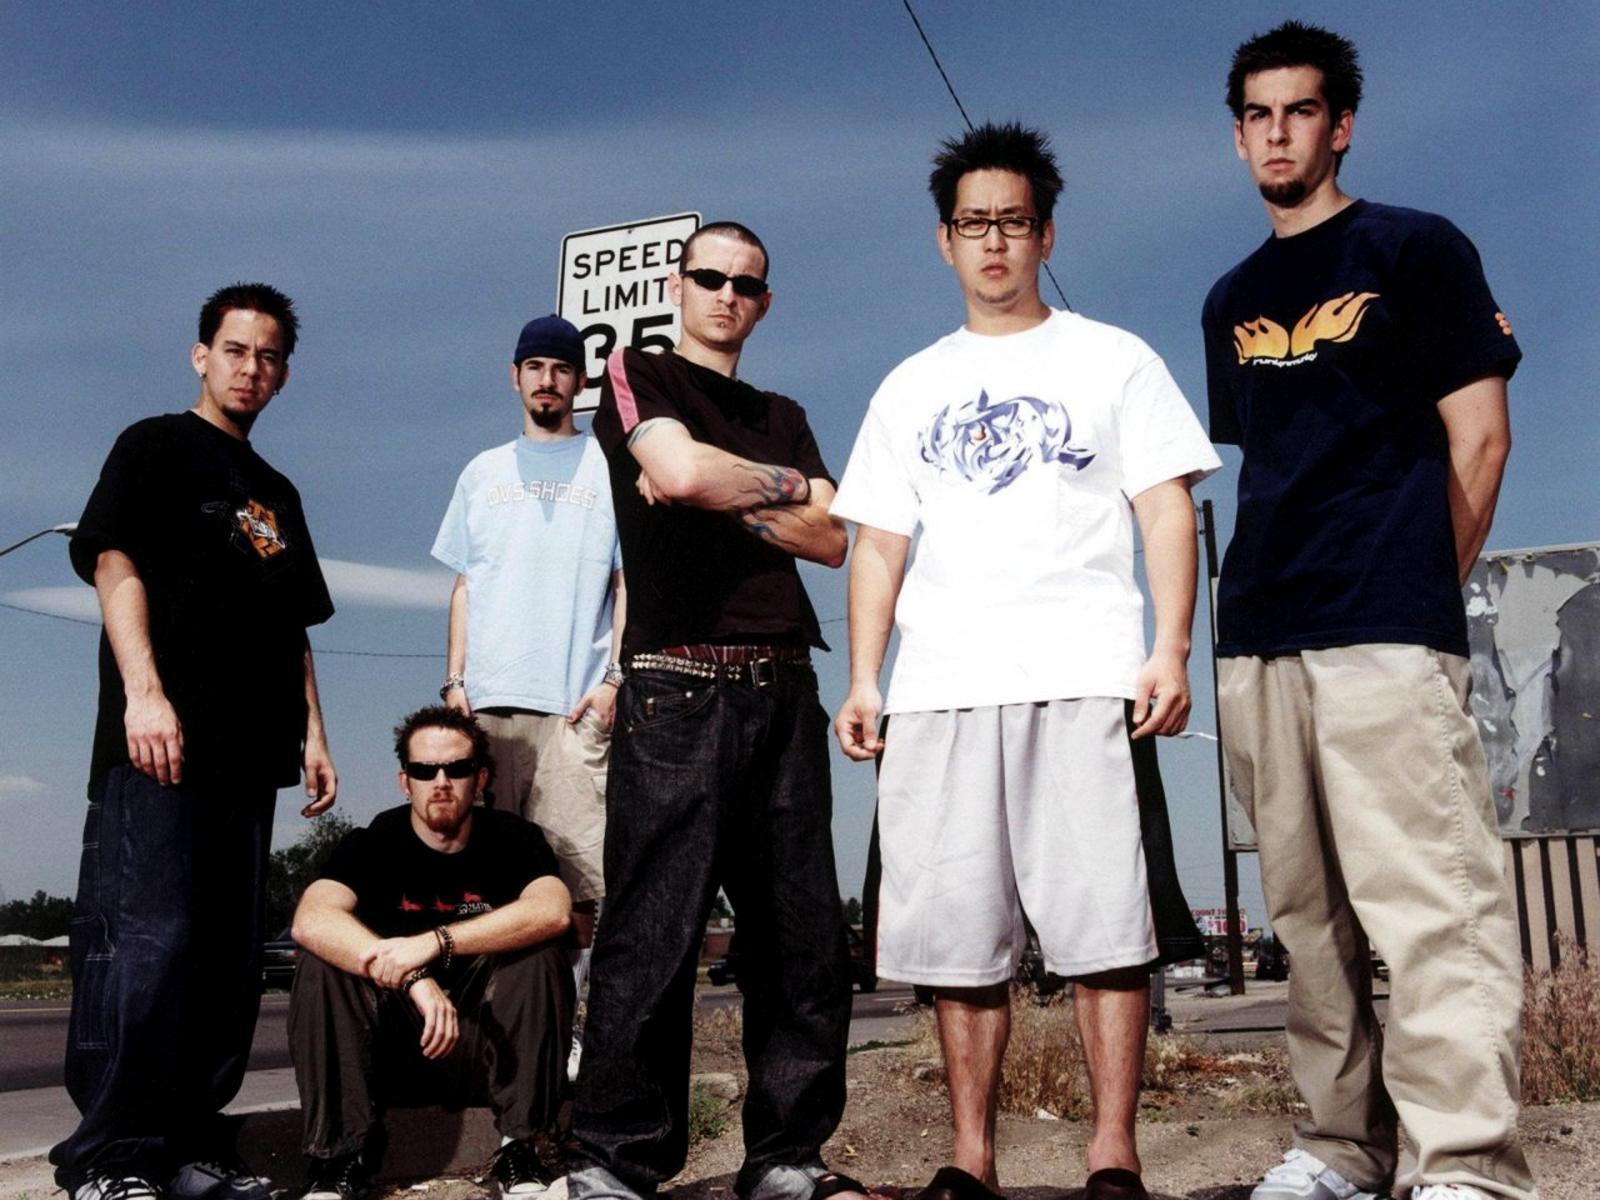 http://1.bp.blogspot.com/-kd9Wy9hmQck/UBKDoapz8AI/AAAAAAAADBQ/t0mUH9T6EbM/s1600/Linkin_Park_Group_HD_Music_Wallpaper-Vvallpaper.Net.jpg